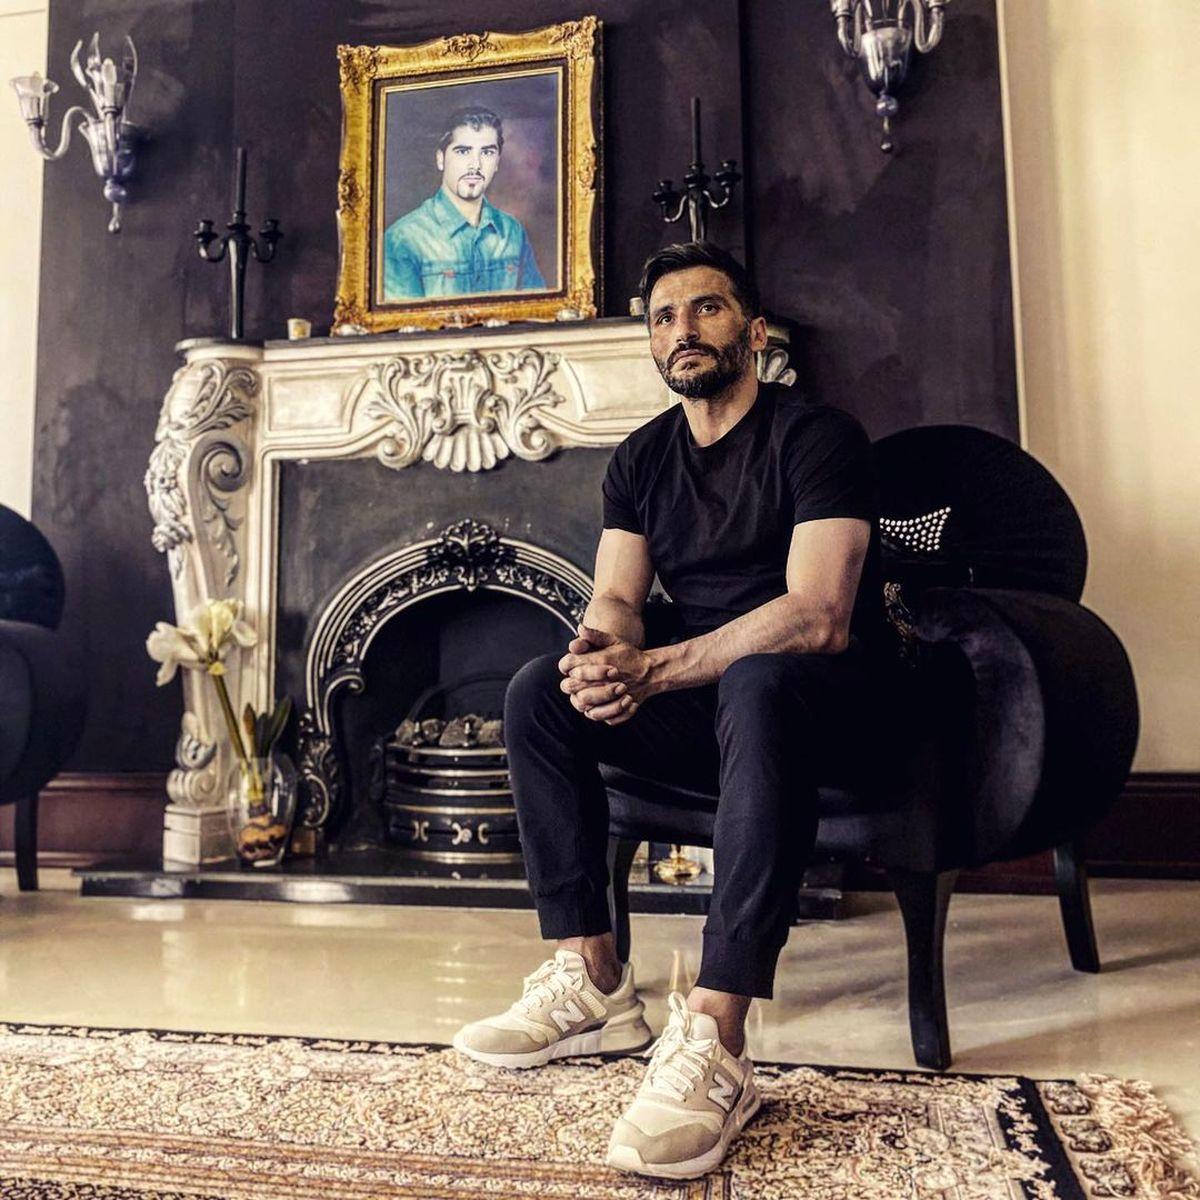 خانه لاکچری و فوق العاده زیبای جواد کاظمیان + عکس